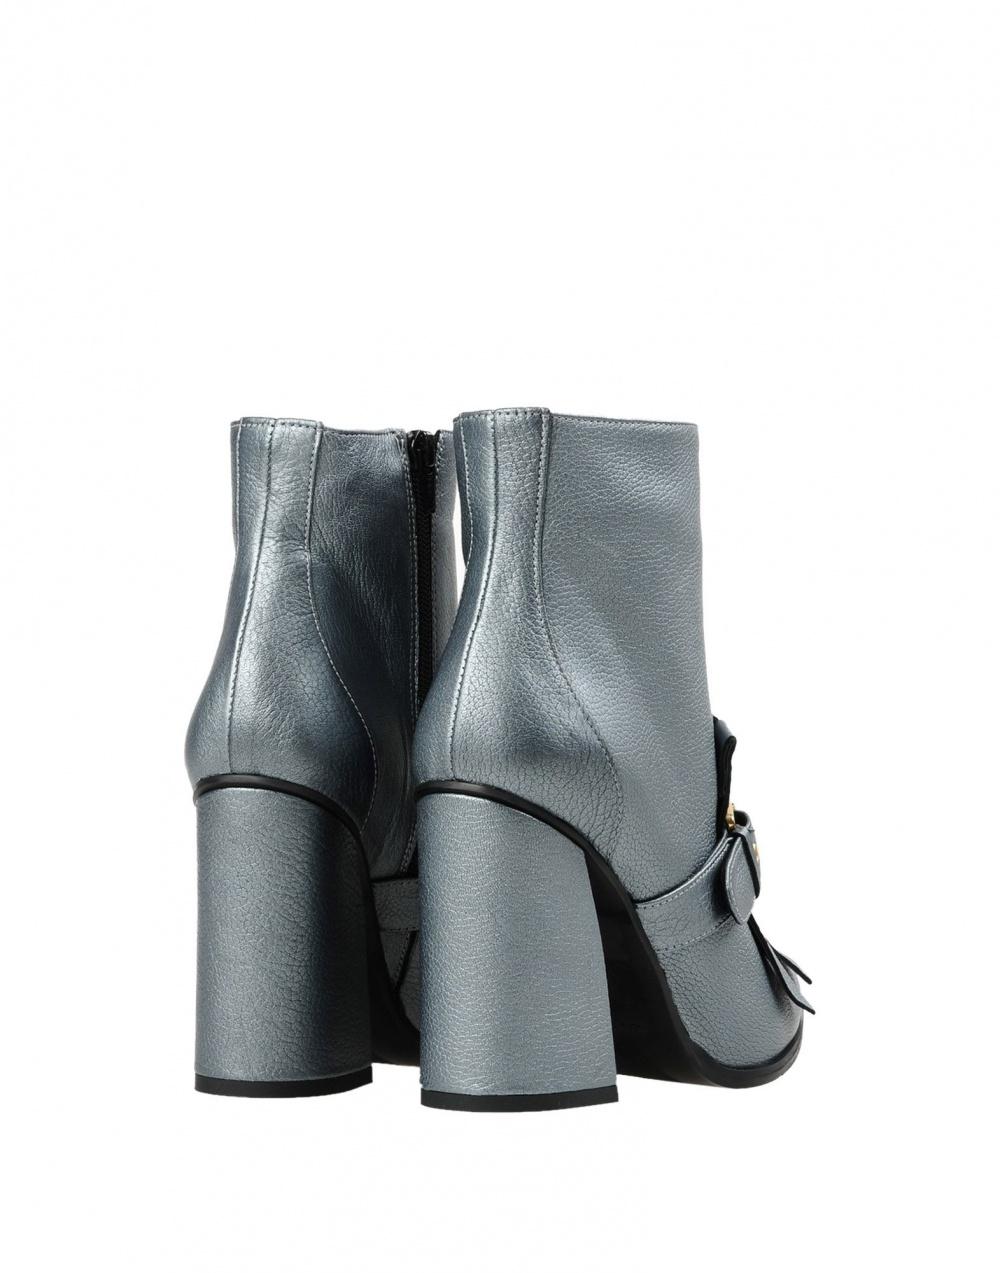 Высокие ботинки  MIVIDA,38 размер